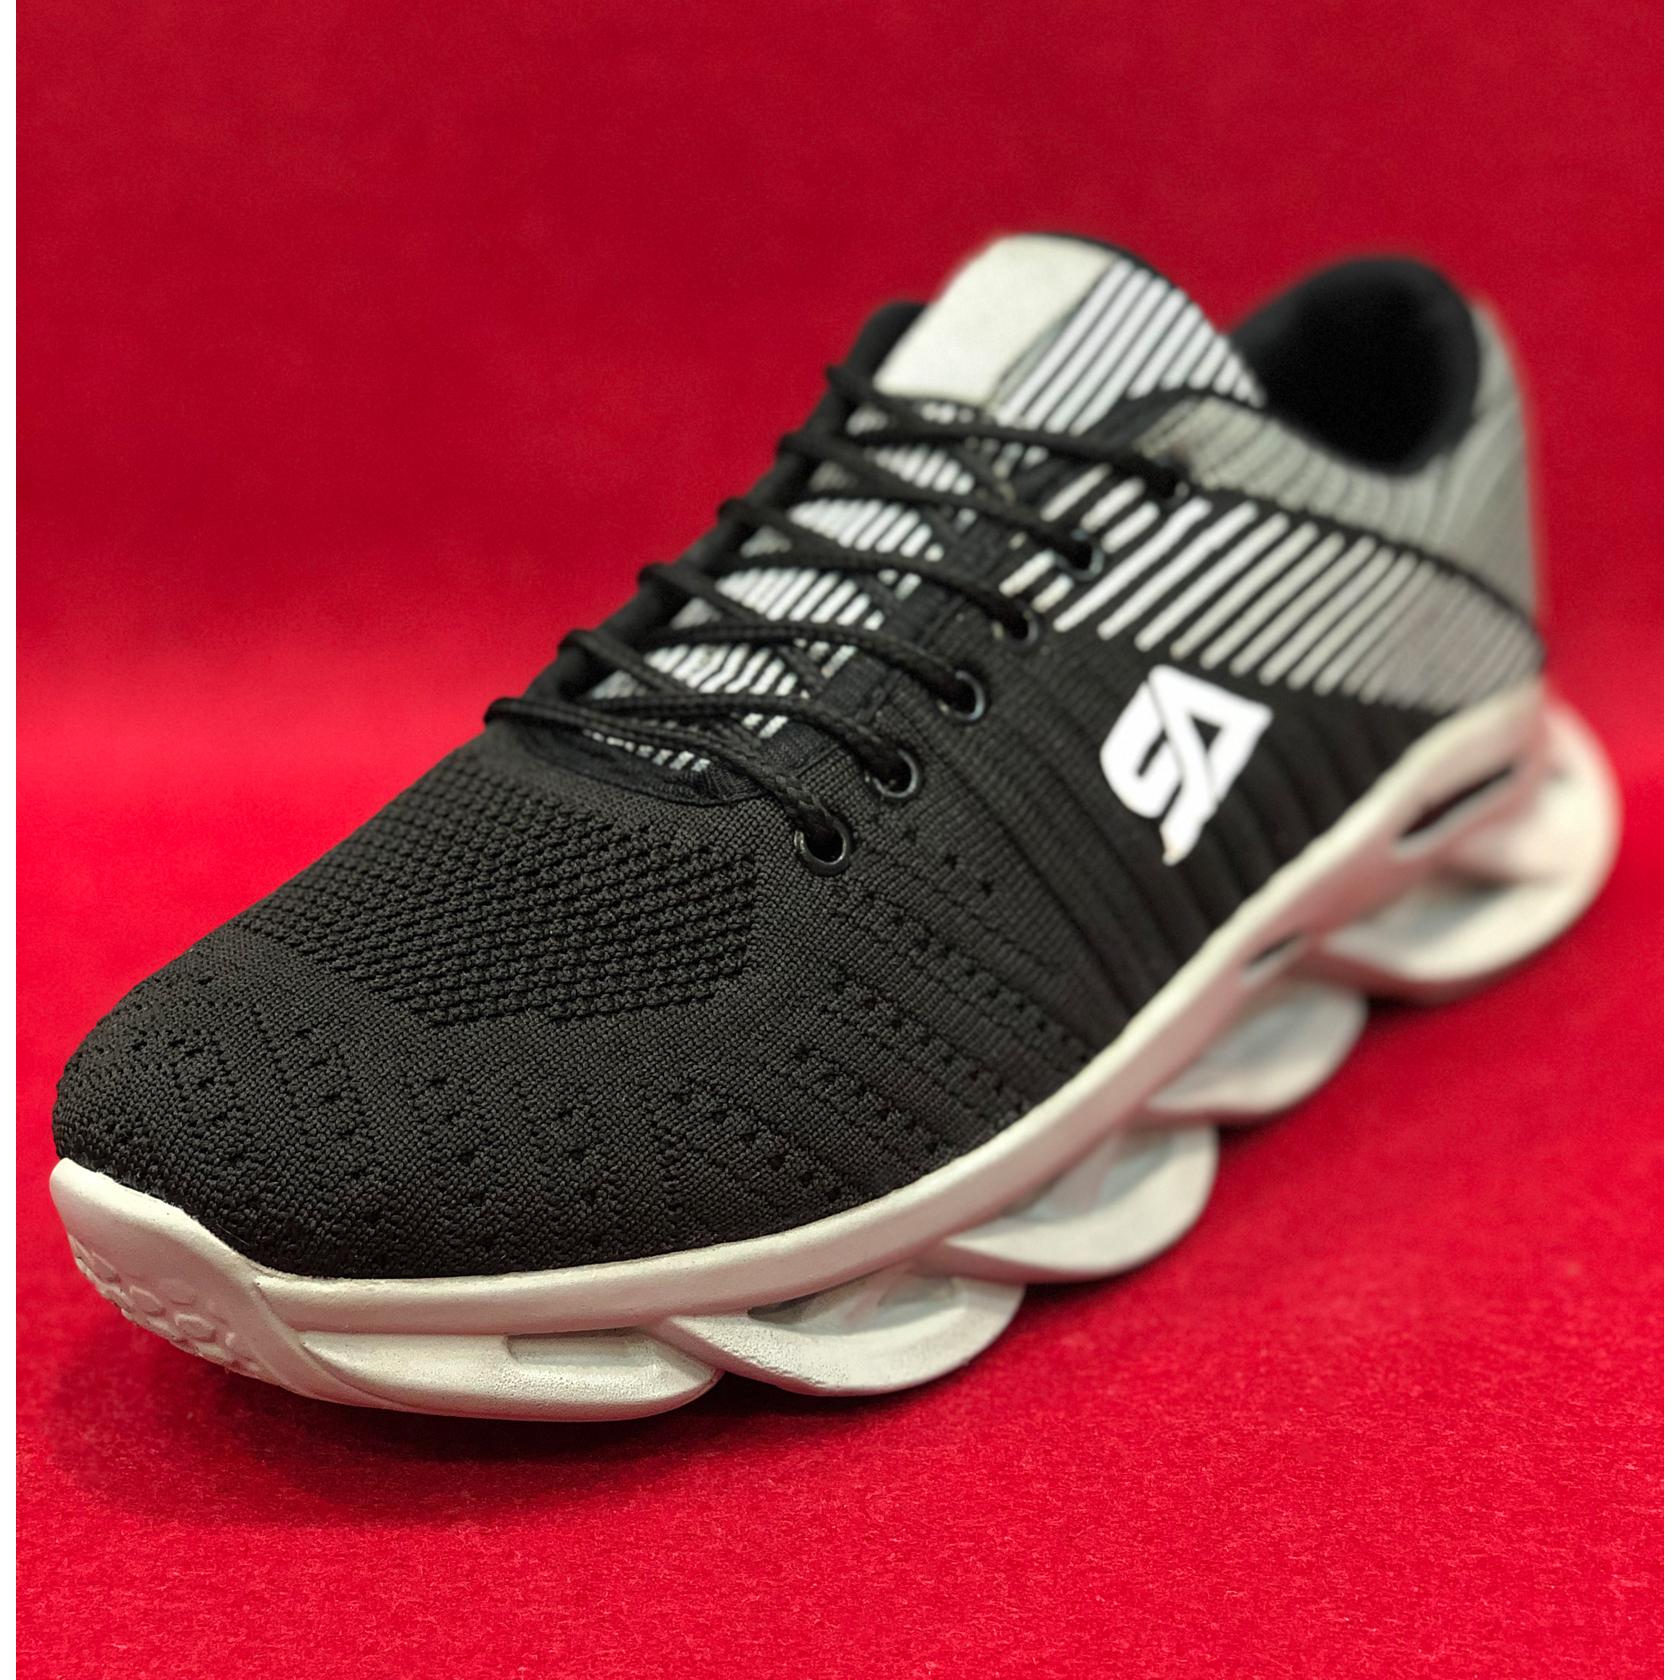 کفش پیاده روی مردانه سعیدی مدل Sa 09